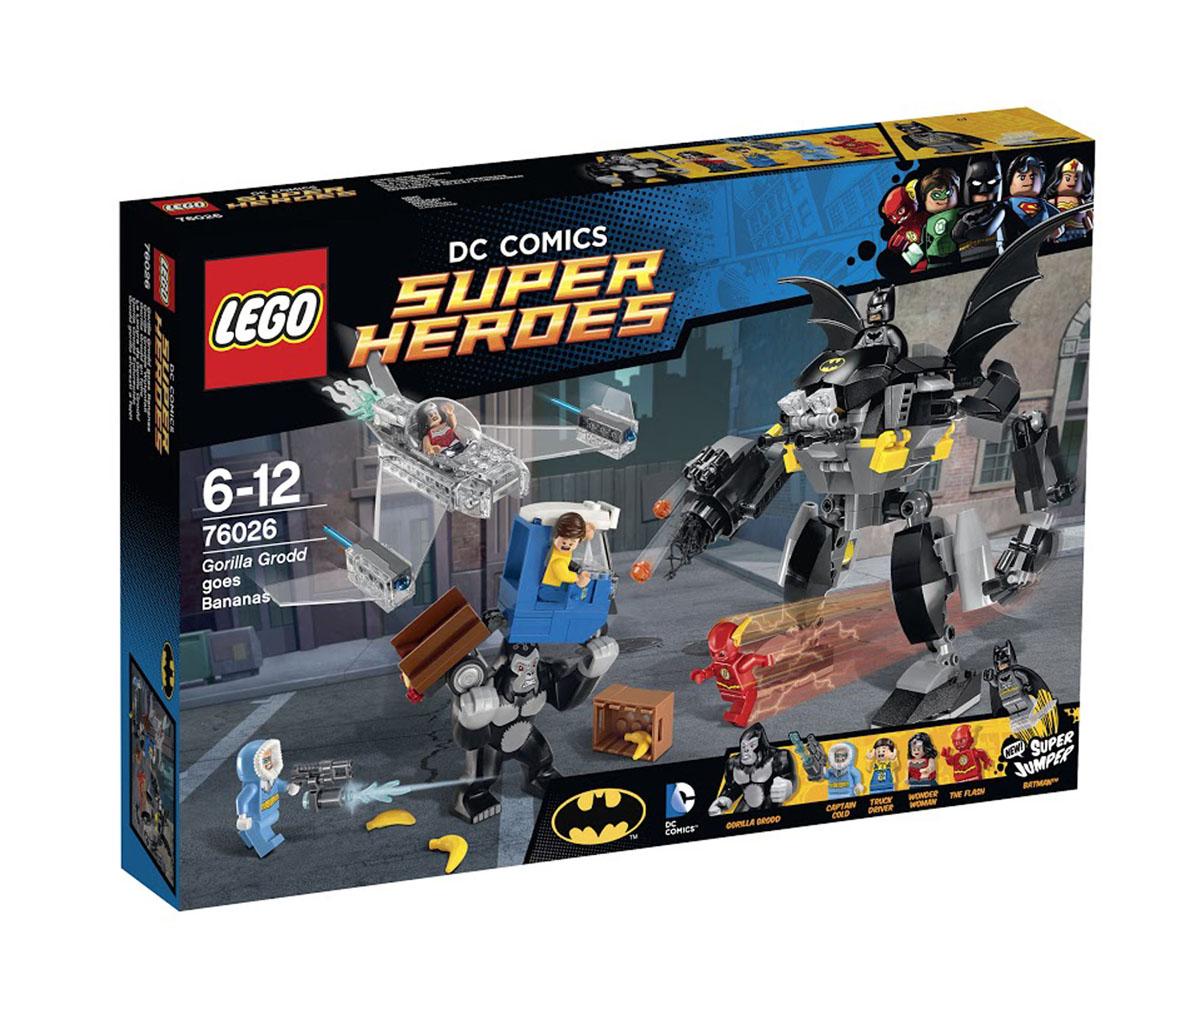 LEGO Super Heroes Конструктор Горилла Гродд сходит с ума 7602676026Горилла Гродд разрушает Готэм-сити в поисках утренней порции бананов. Гигантская горилла запрыгивает на грузовик, бросается ящиками с бананами и практически разбивает машину пополам. Спеши на помощь испуганному водителю вместе с Бэтменом и его удивительным бэт-роботом. Начни тройную контратаку с супергероями LEGO, стреляй из сеточных и шипованных шутеров. Дай отпор Горилле Гродду вместе с Флешем, уклоняясь от хватких кулаков злобного существа и Капитана Холода и его разрушительного ледяного шутера. Незаметно включись в сражение вместе с Чудо-женщиной в ее невидимом летательном аппарате с пружинными ракетами. А затем отправь Бэтмена на супер-джампере на крышу робота, чтобы сбросить вниз Гориллу Гродда! В этот красочный набор входят: 347 пластиковых элементов для сборки, в том числе 5 минифигурок с разнообразным оружием и аксессуарами: Вспышка, Чудо-женщина, Бэтмен, Капитан Холод, водитель грузовика, а также фигурка Гориллы Гродда. Также в наборе инструкция по сборке. ...